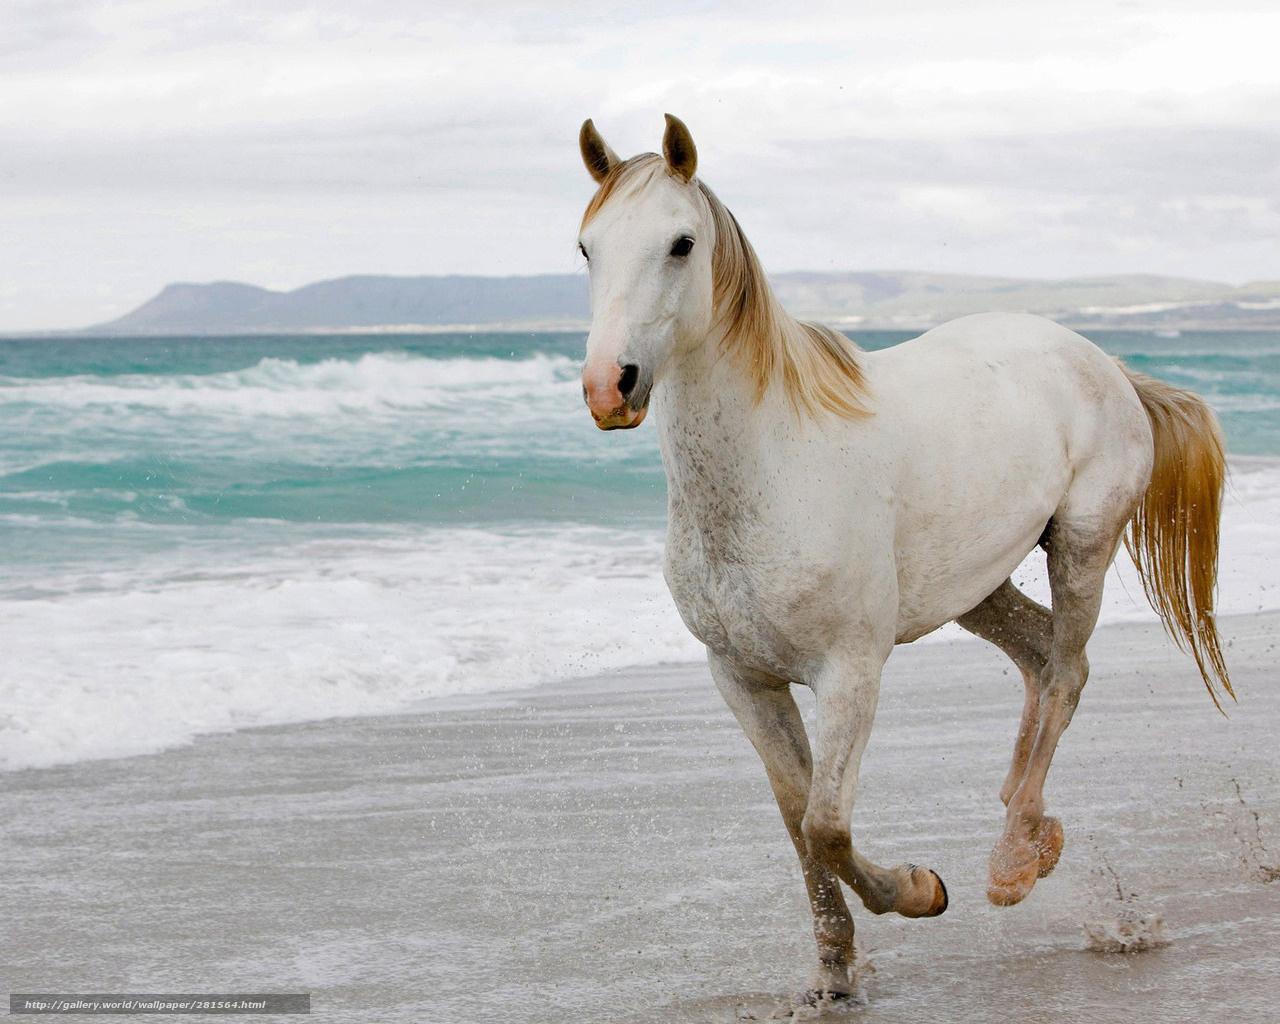 Scaricare gli sfondi mare spiaggia cavallo corre sfondi for Sfondi per desktop mare